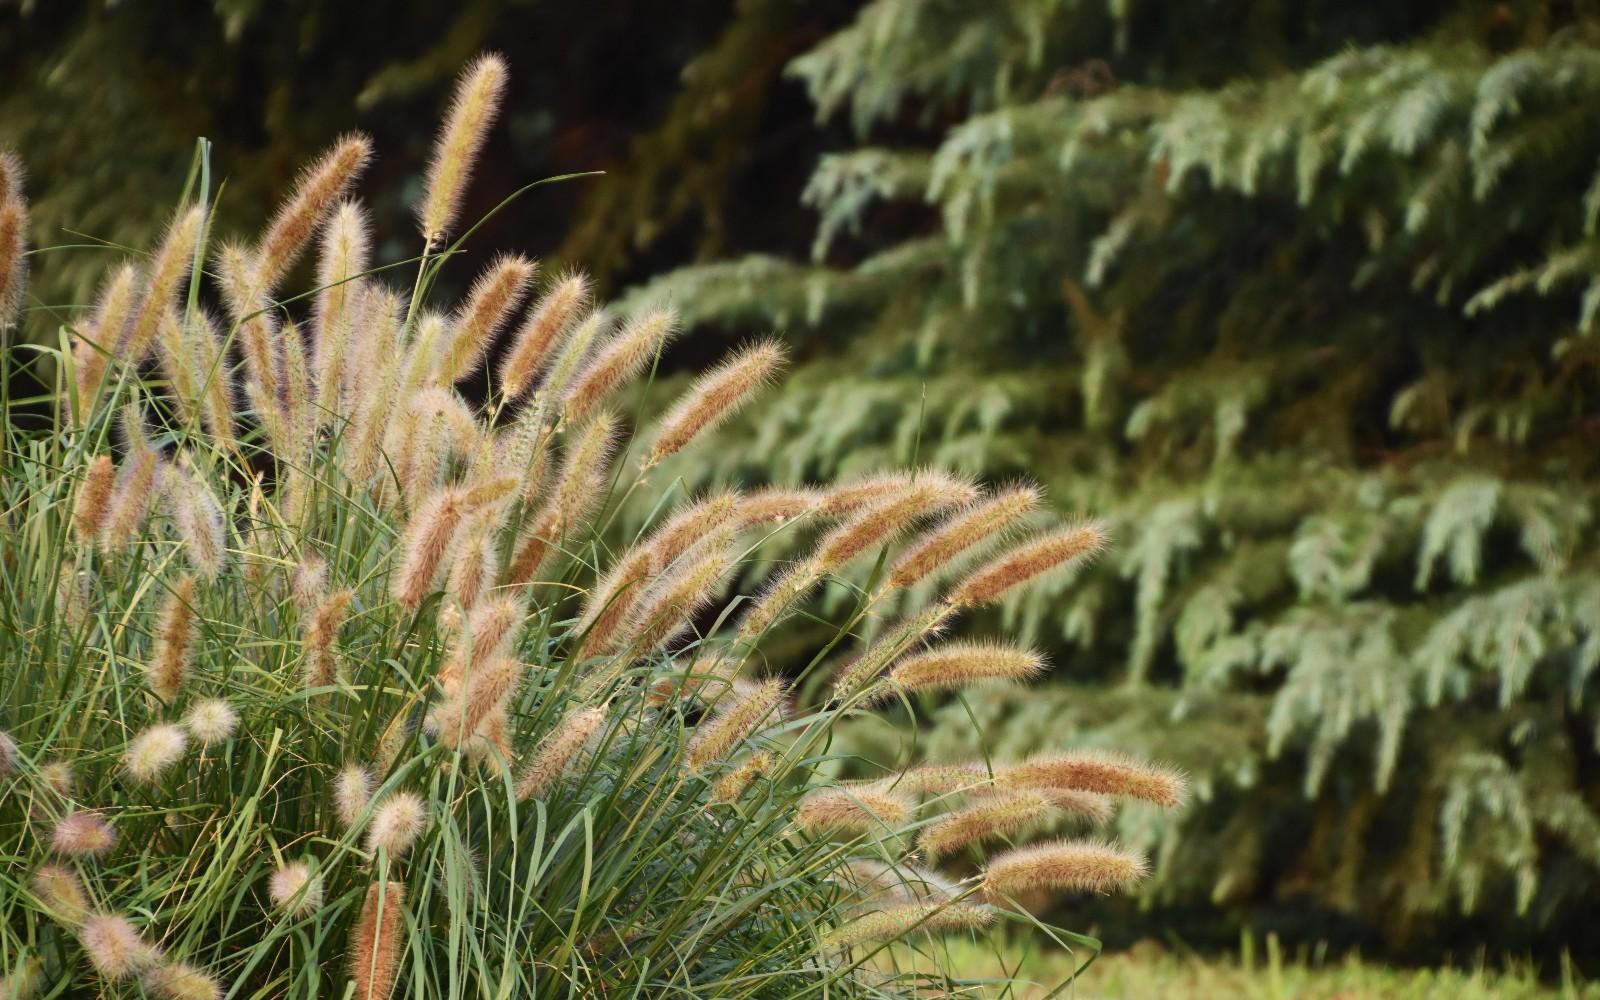 共青森林公园白穗狼尾草成片展现森林野趣